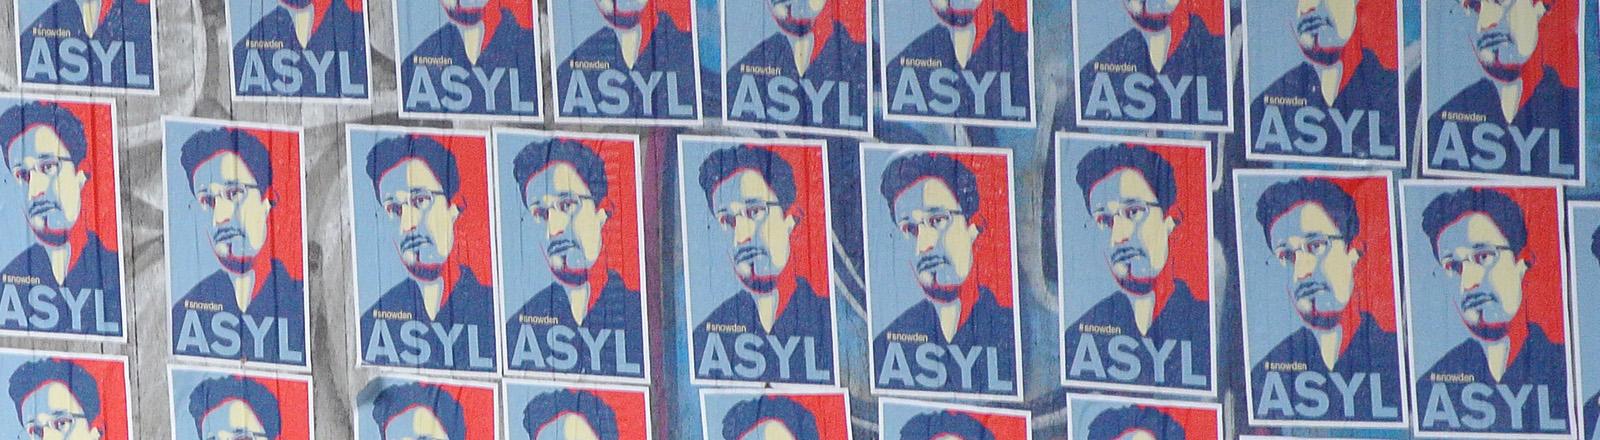 DPA: Plakate mit der Aufschrift Asyl für Edward Snowden